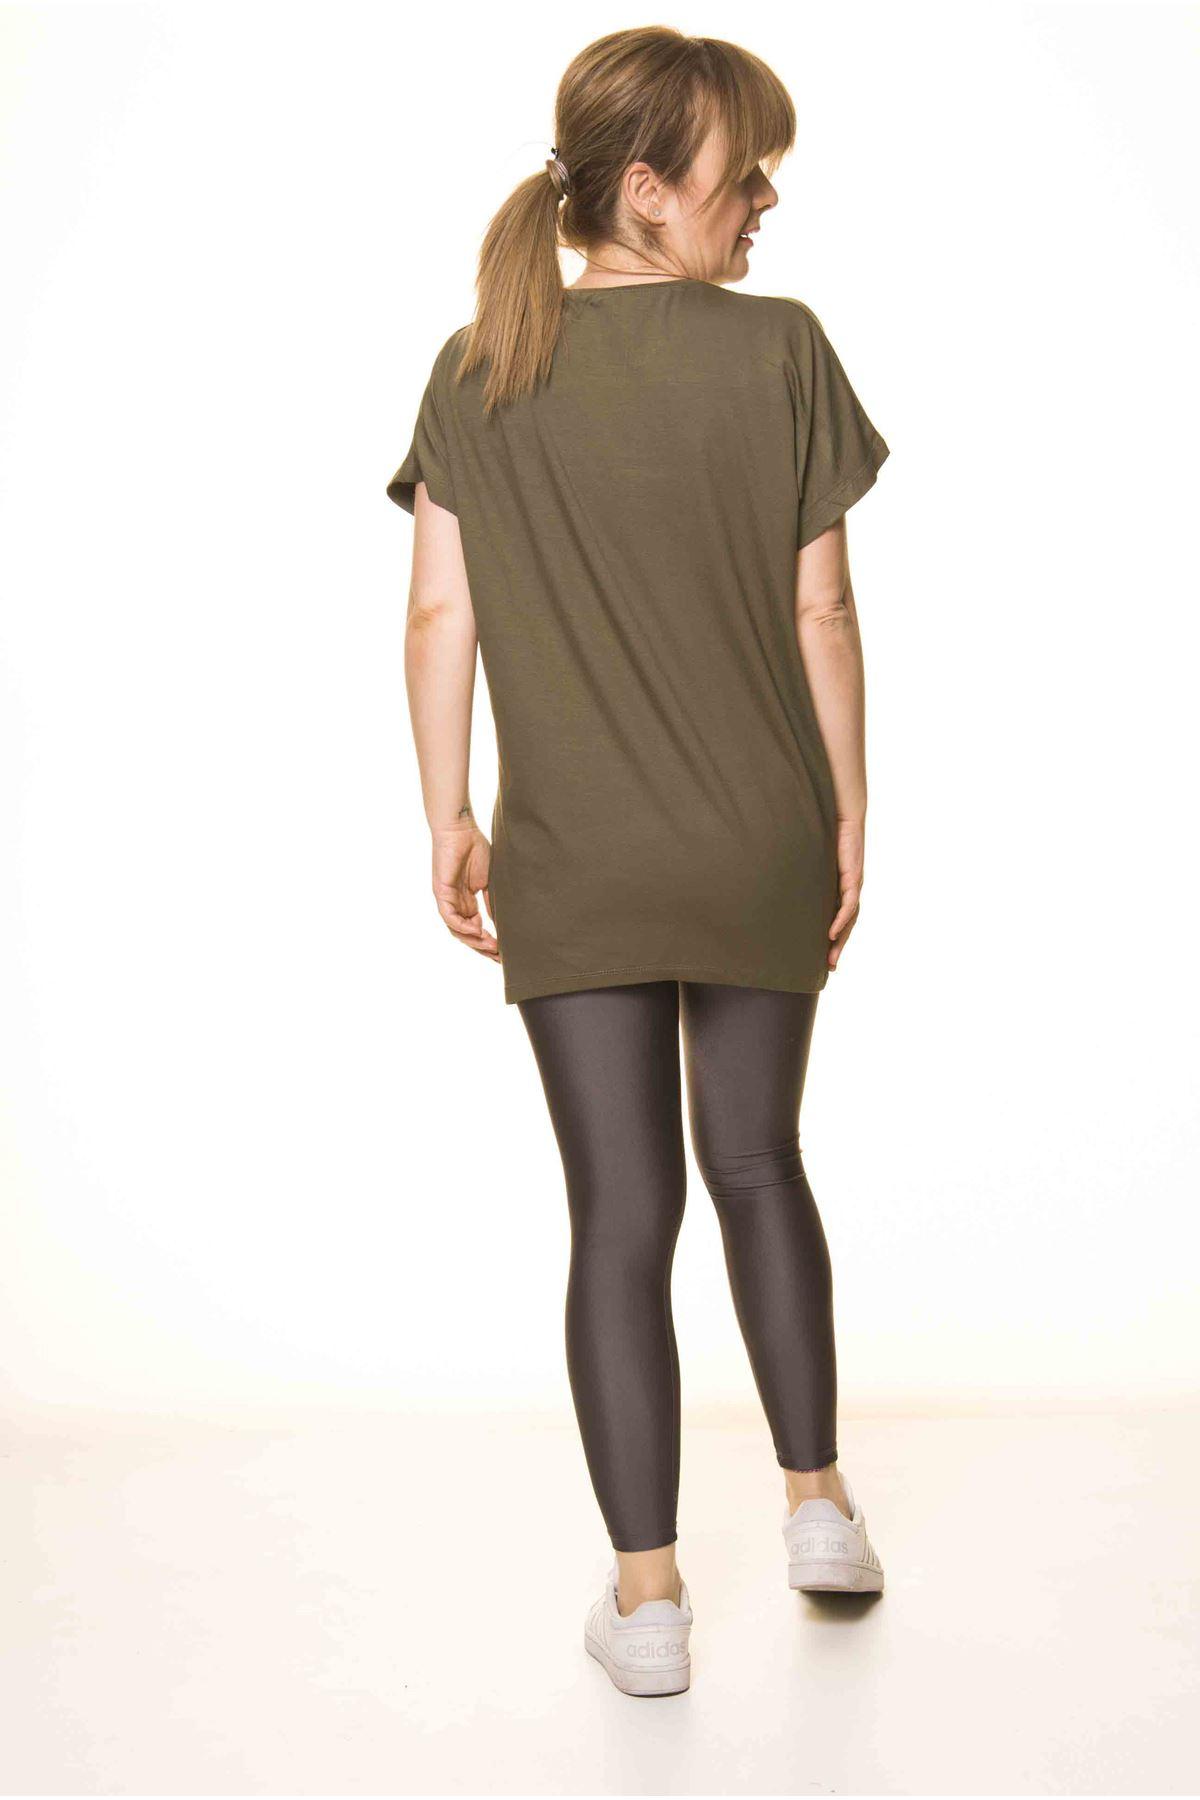 Kadın Haki Taş İşlemeli Bluz 14D-30623